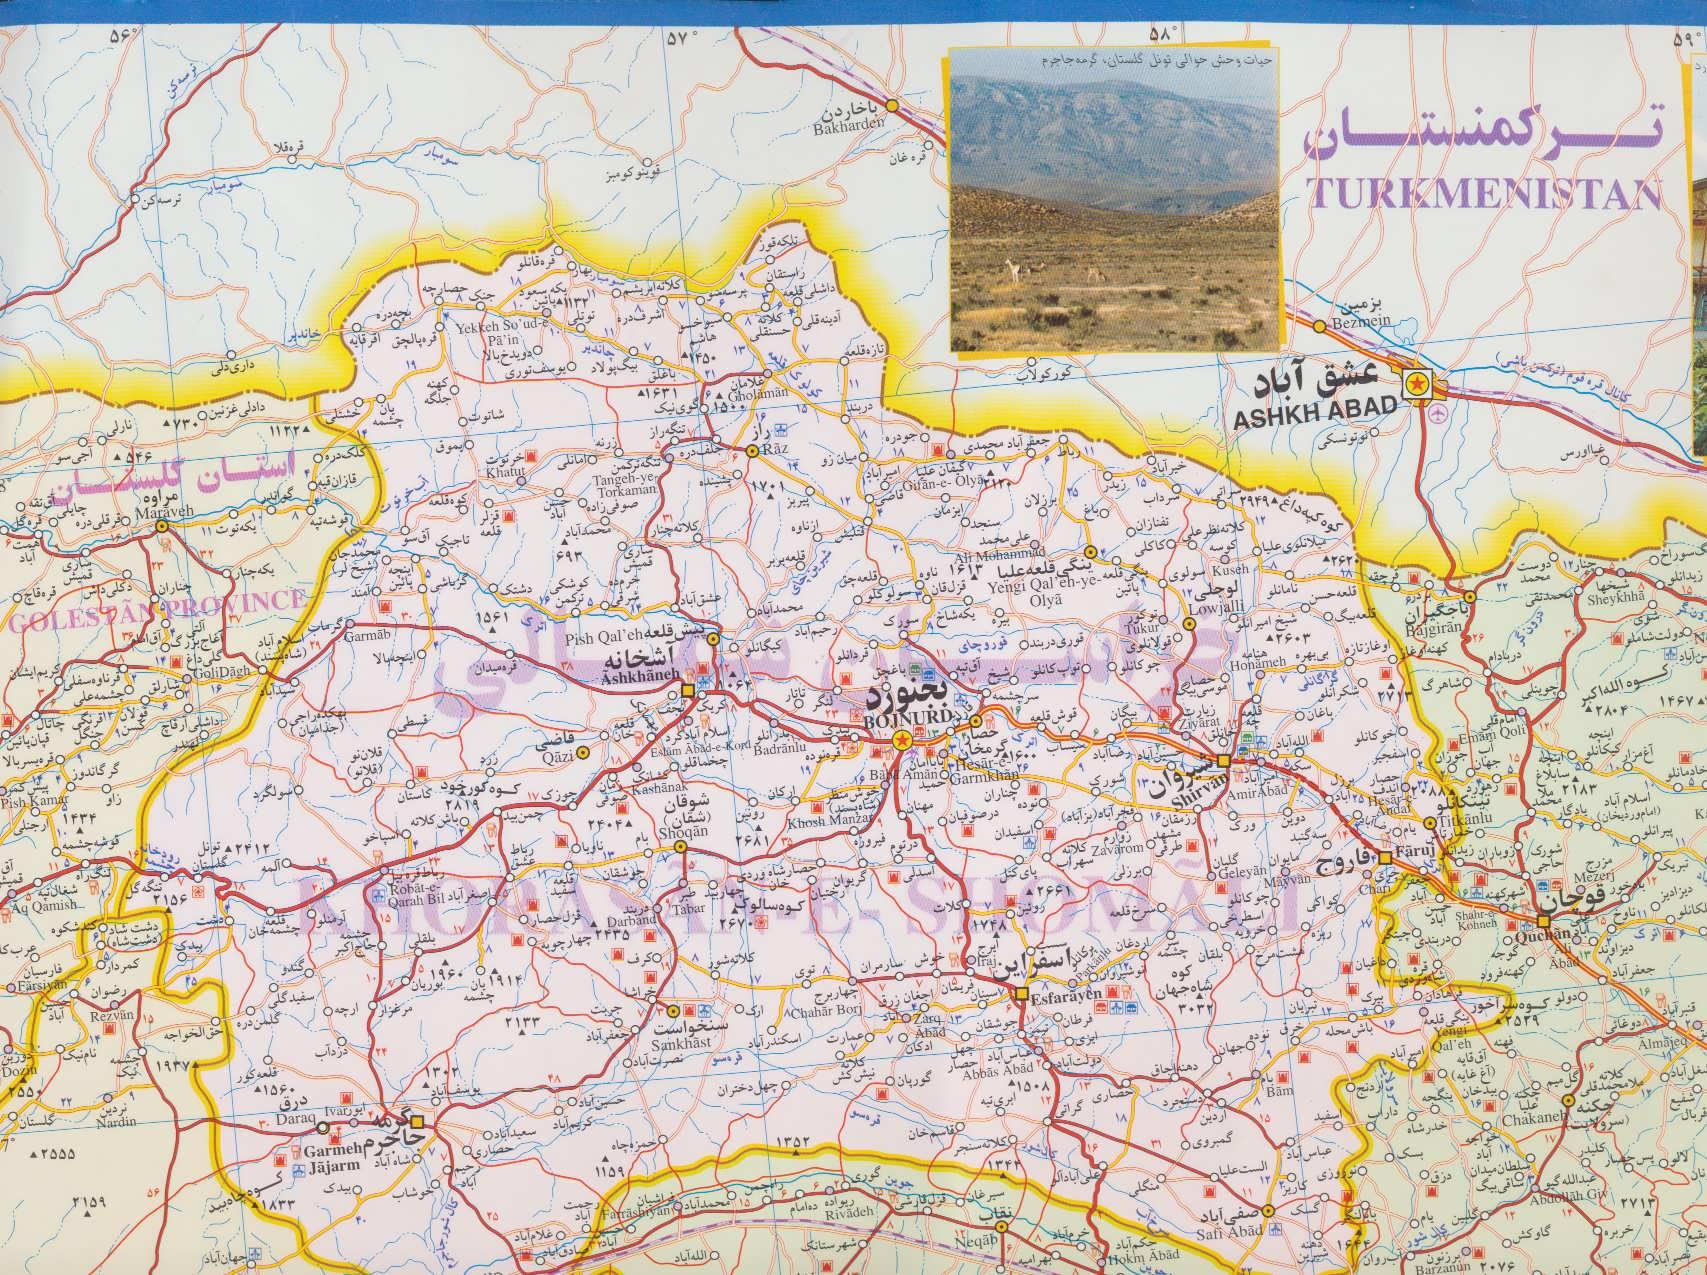 نقشه سیاحتی و گردشگری استان های خراسان جنوبی،رضوی و شمالی کد 463 (گلاسه)